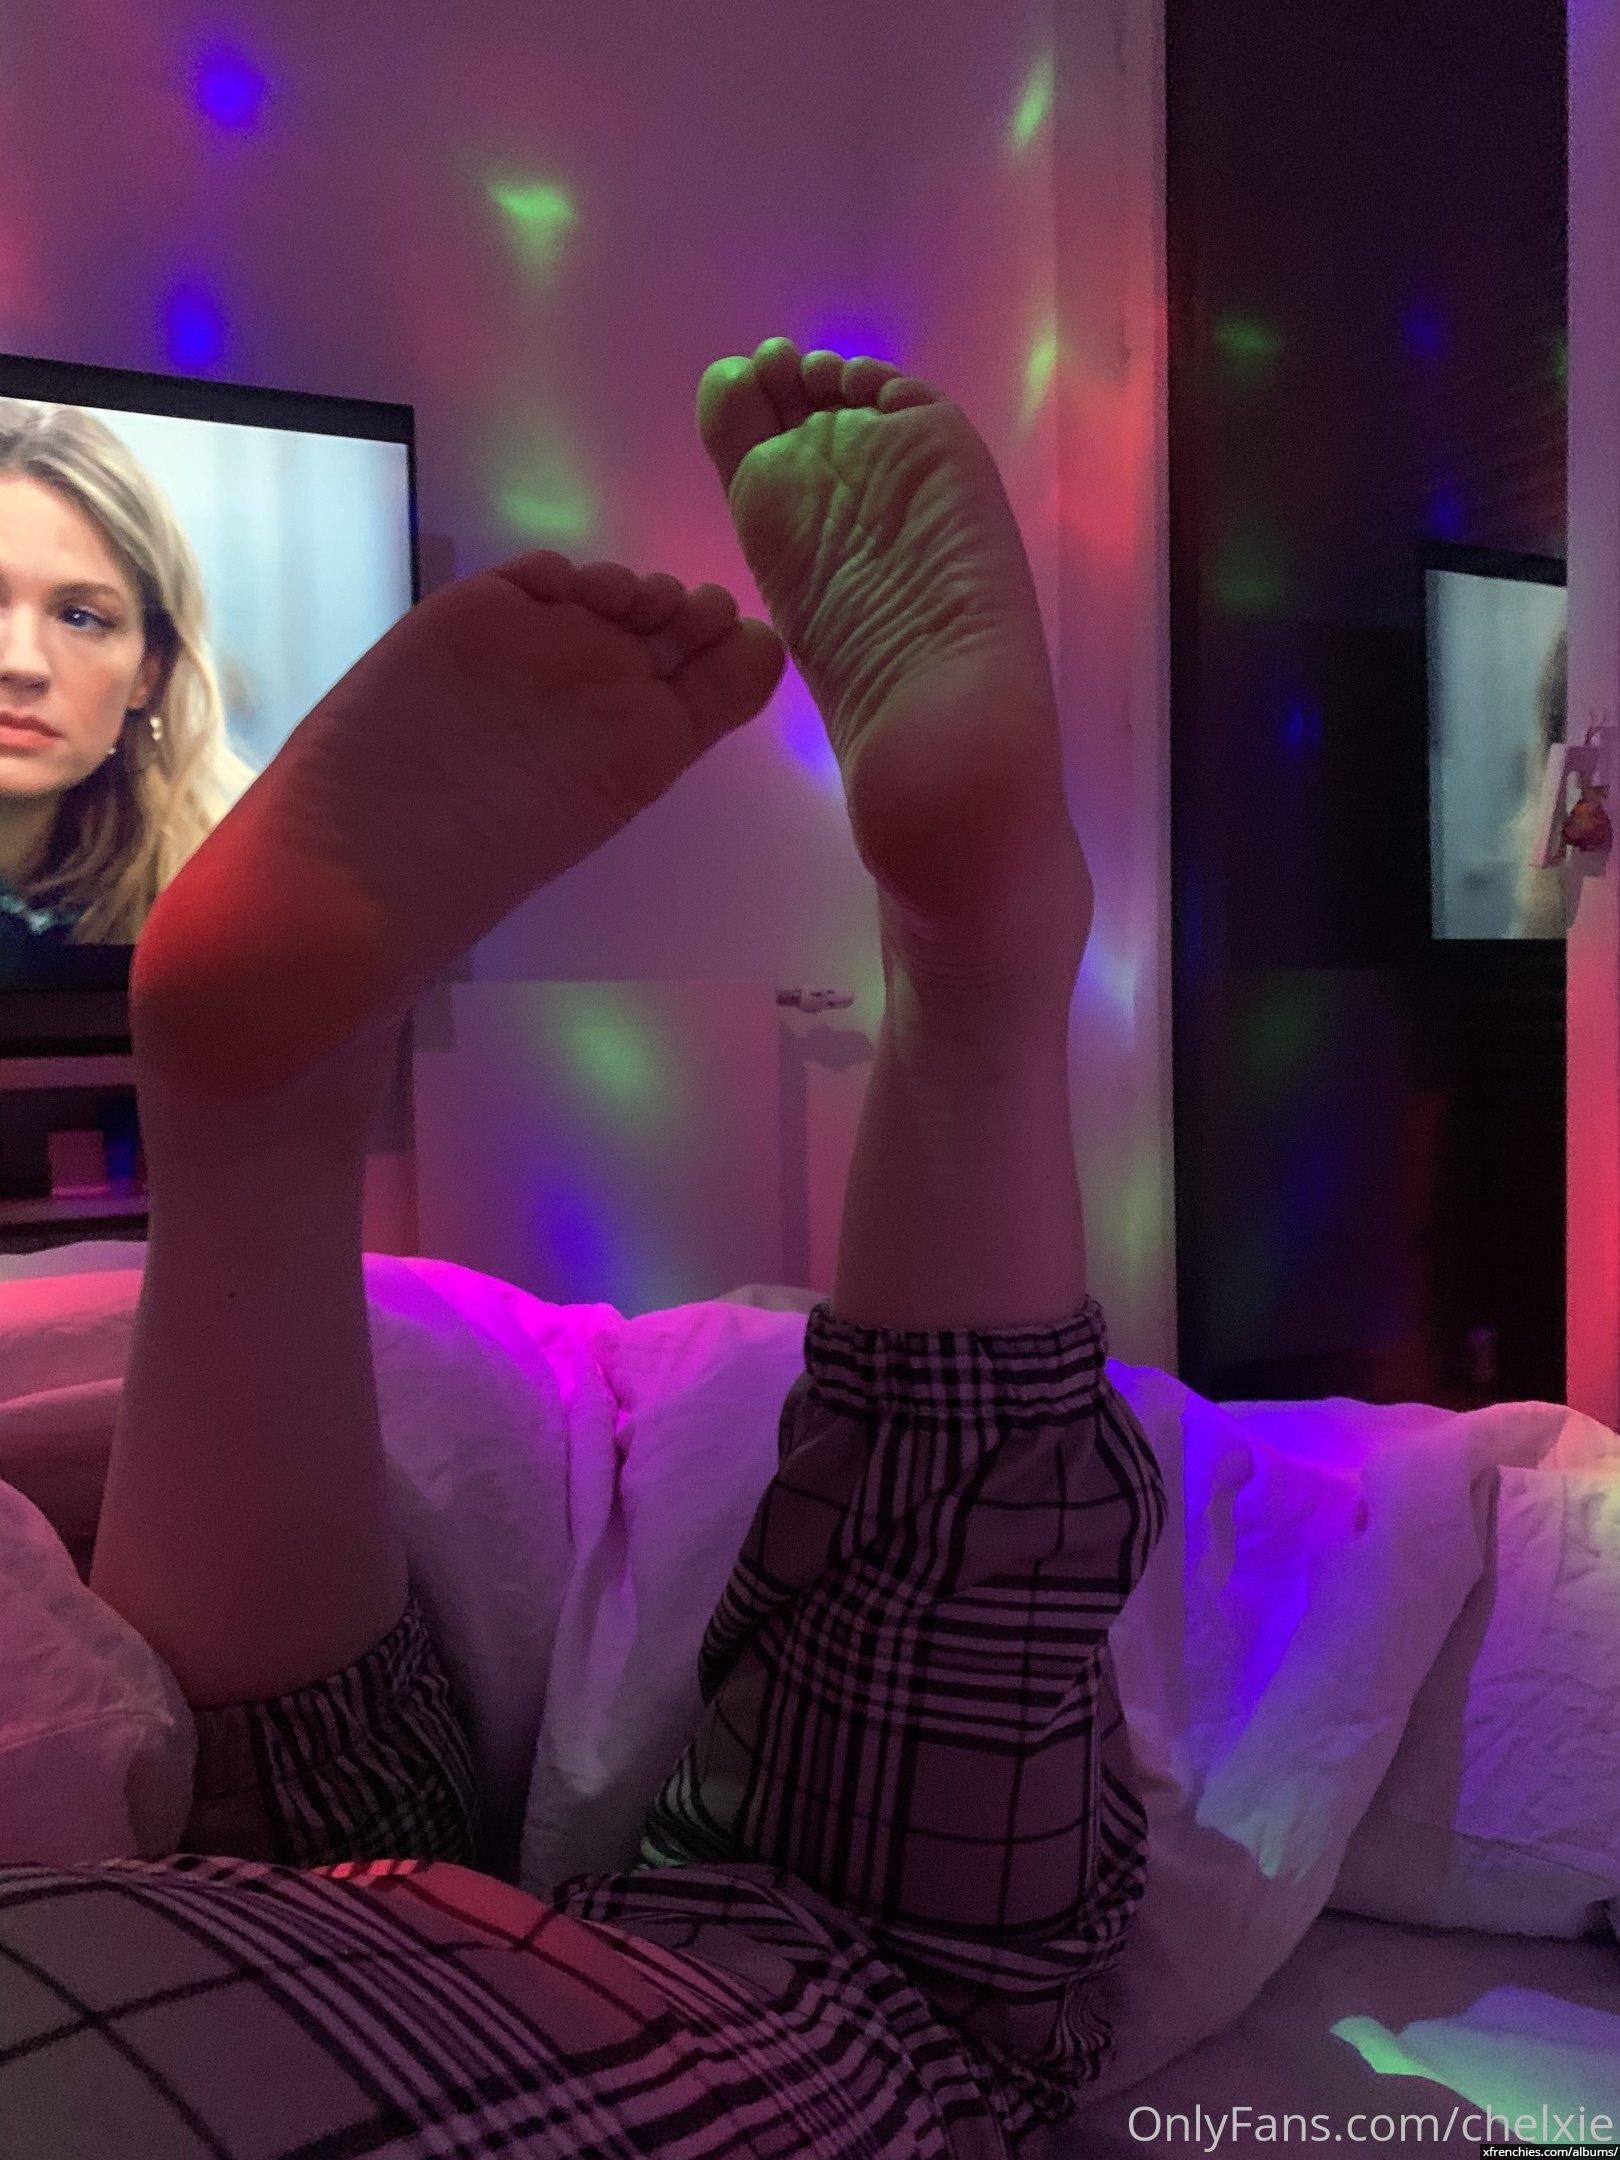 Photo de pied – Les pieds de Chelxie Onlyfans Leak n°15